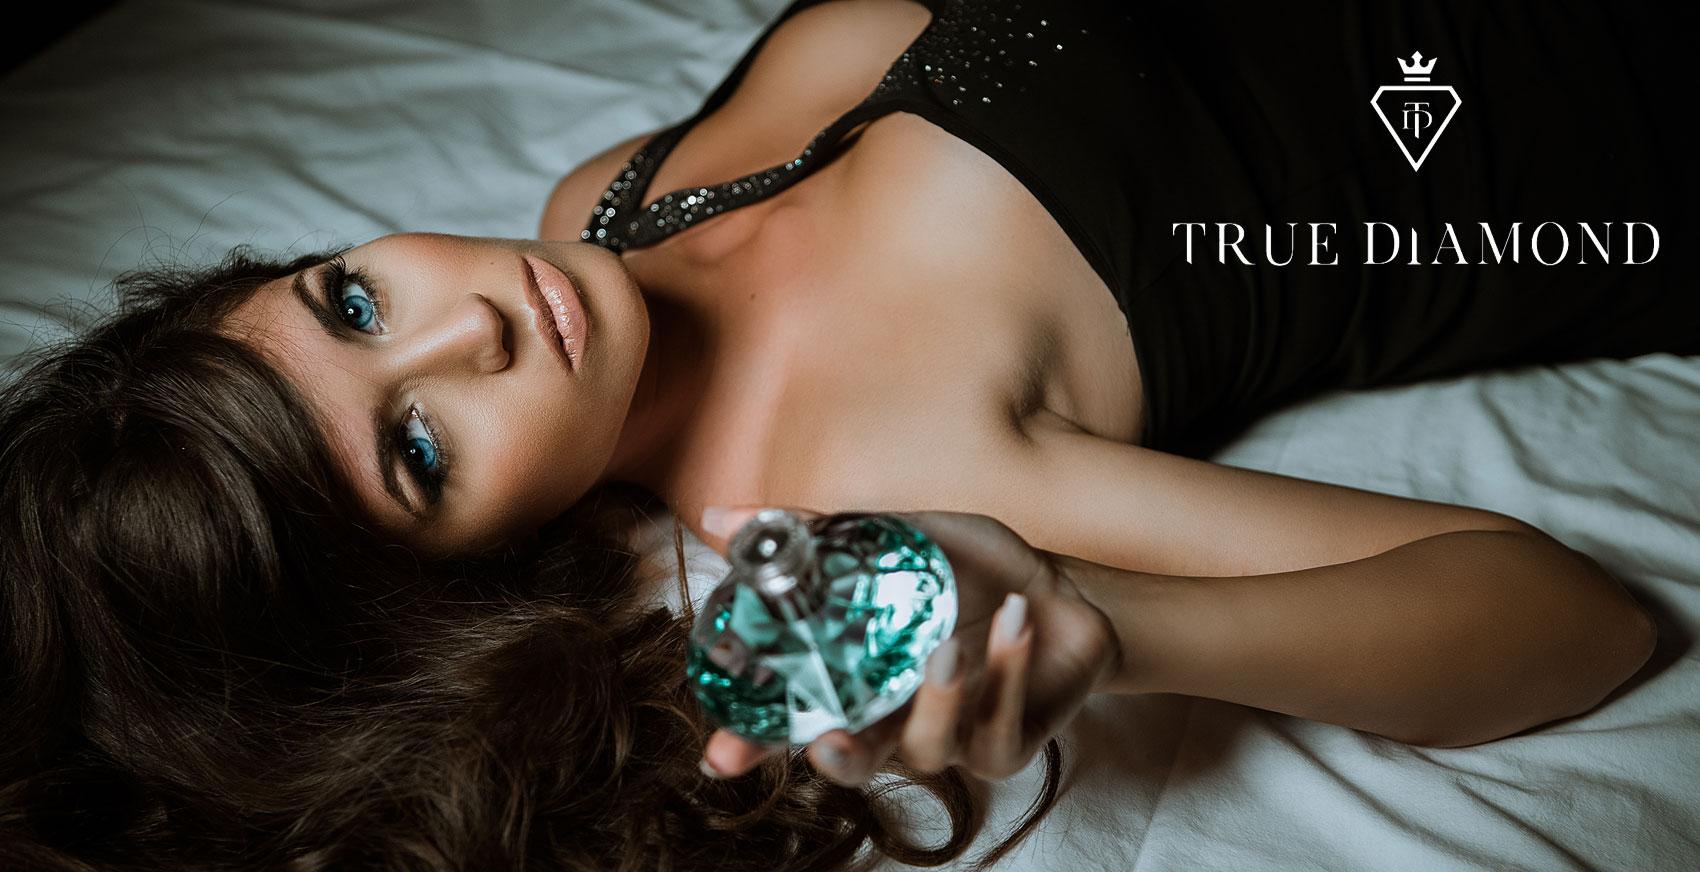 True Diamond Perfect Match: about us